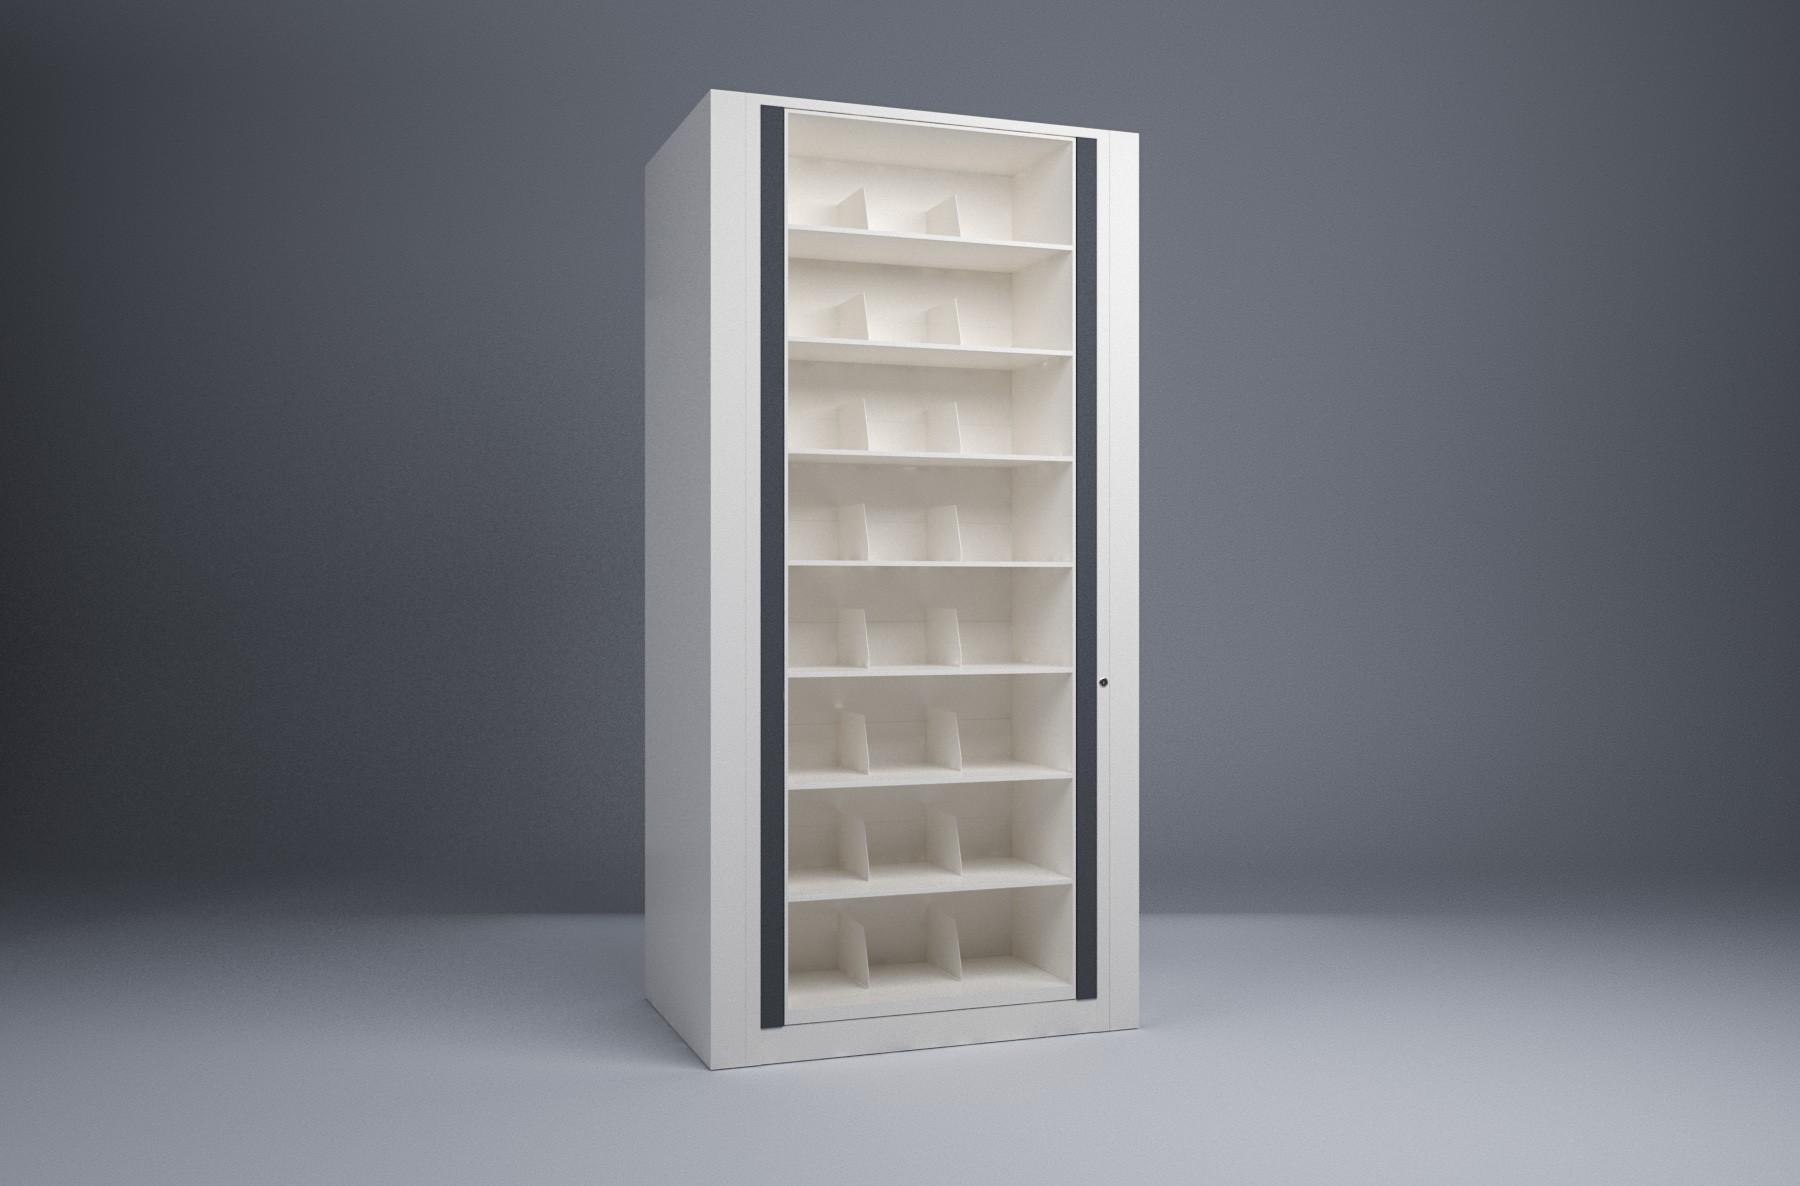 Rotary File-Legal-1 Starter 8 Tier-Shelves